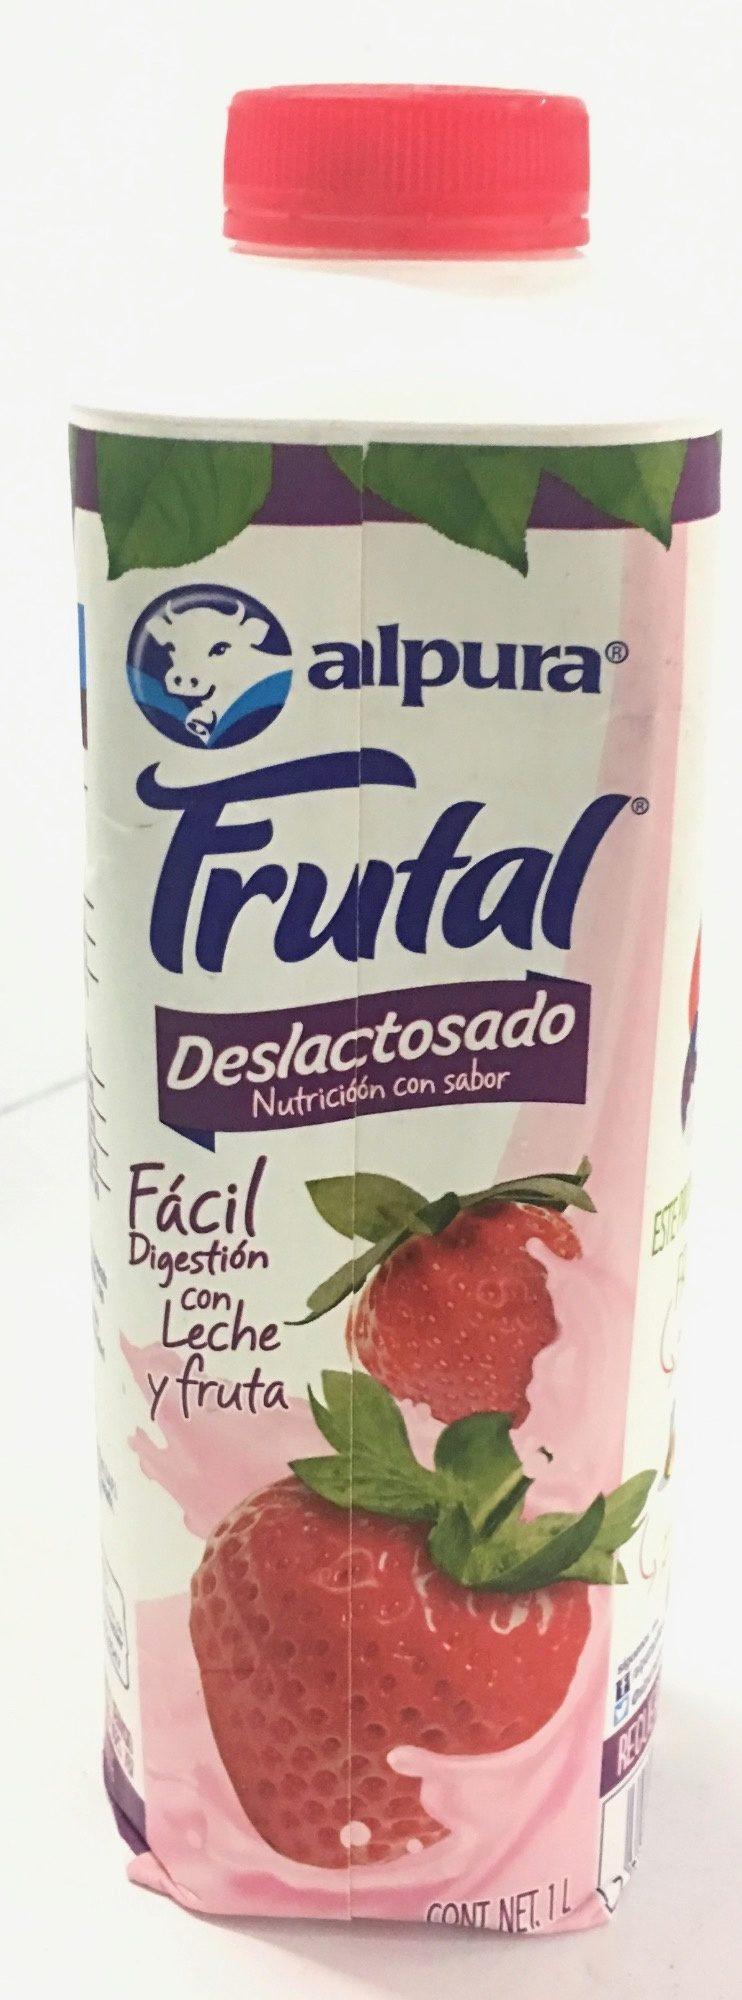 Frutal delactosado sabor fresa - Produit - es